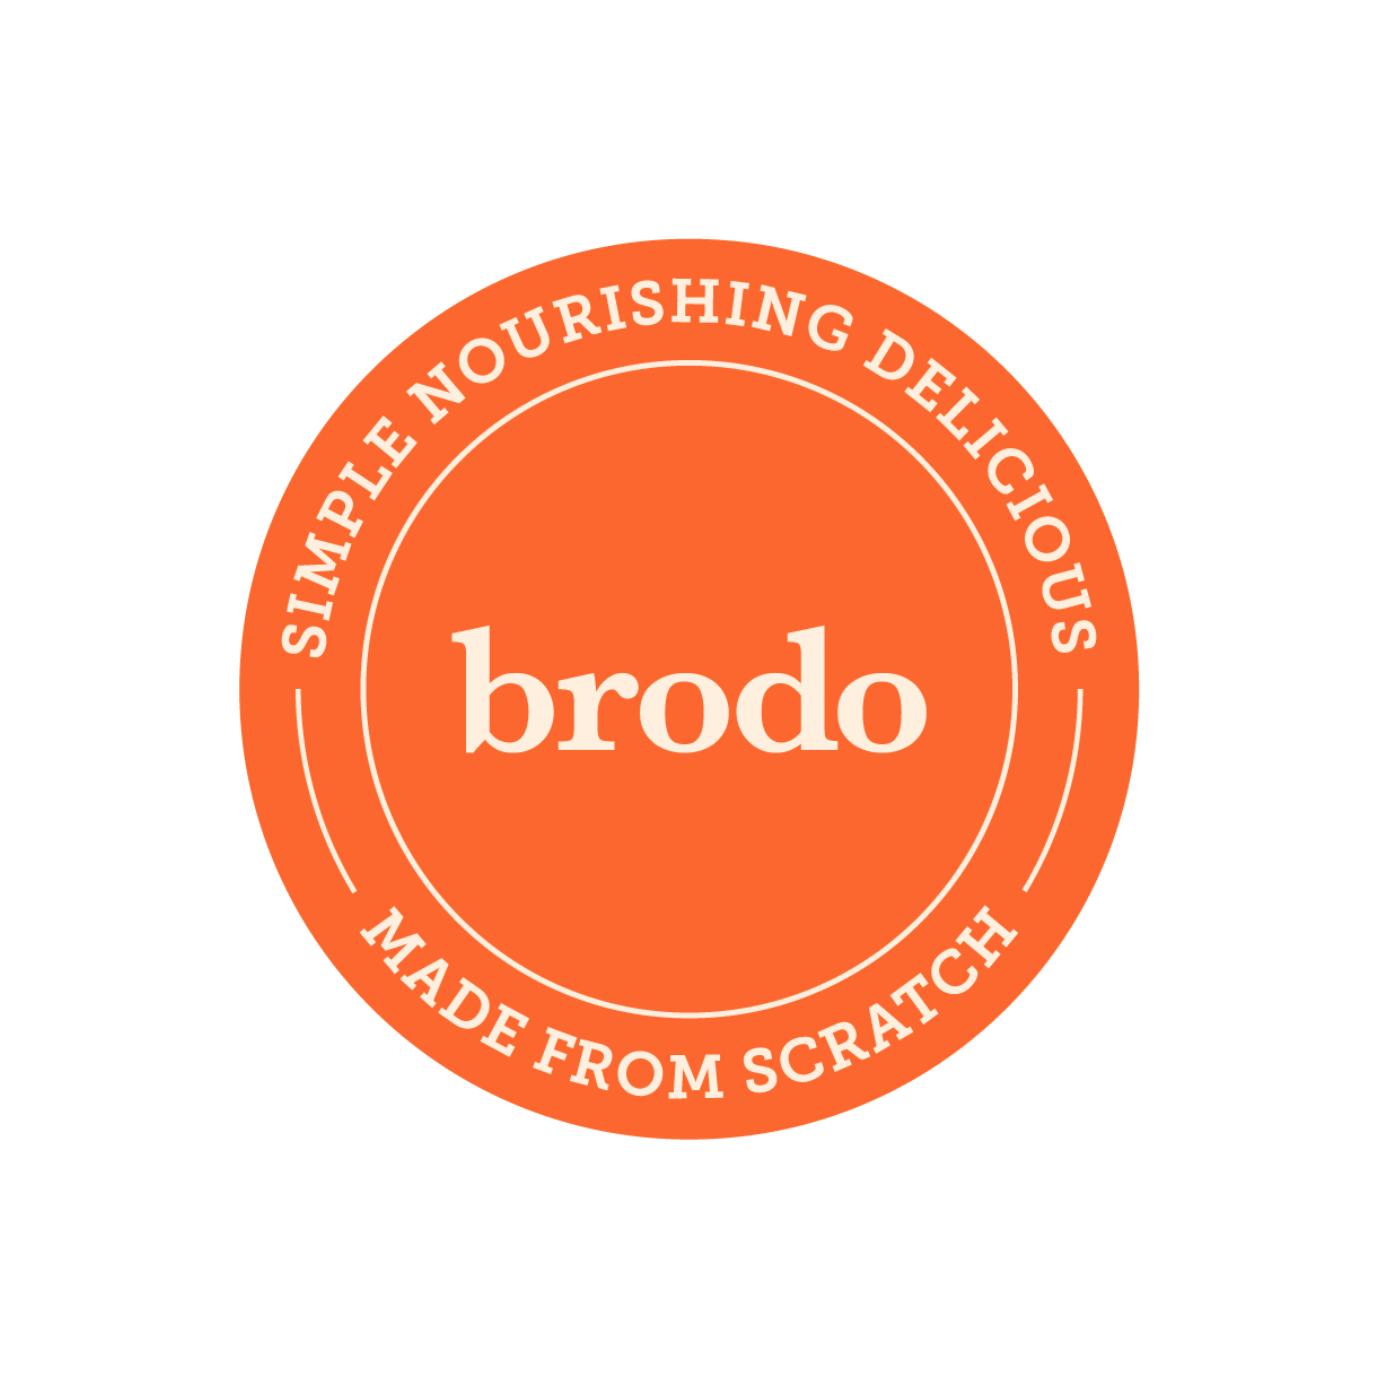 Brodo Broth logo - Certified Paleo, Keto Certified by the Paleo Foundation